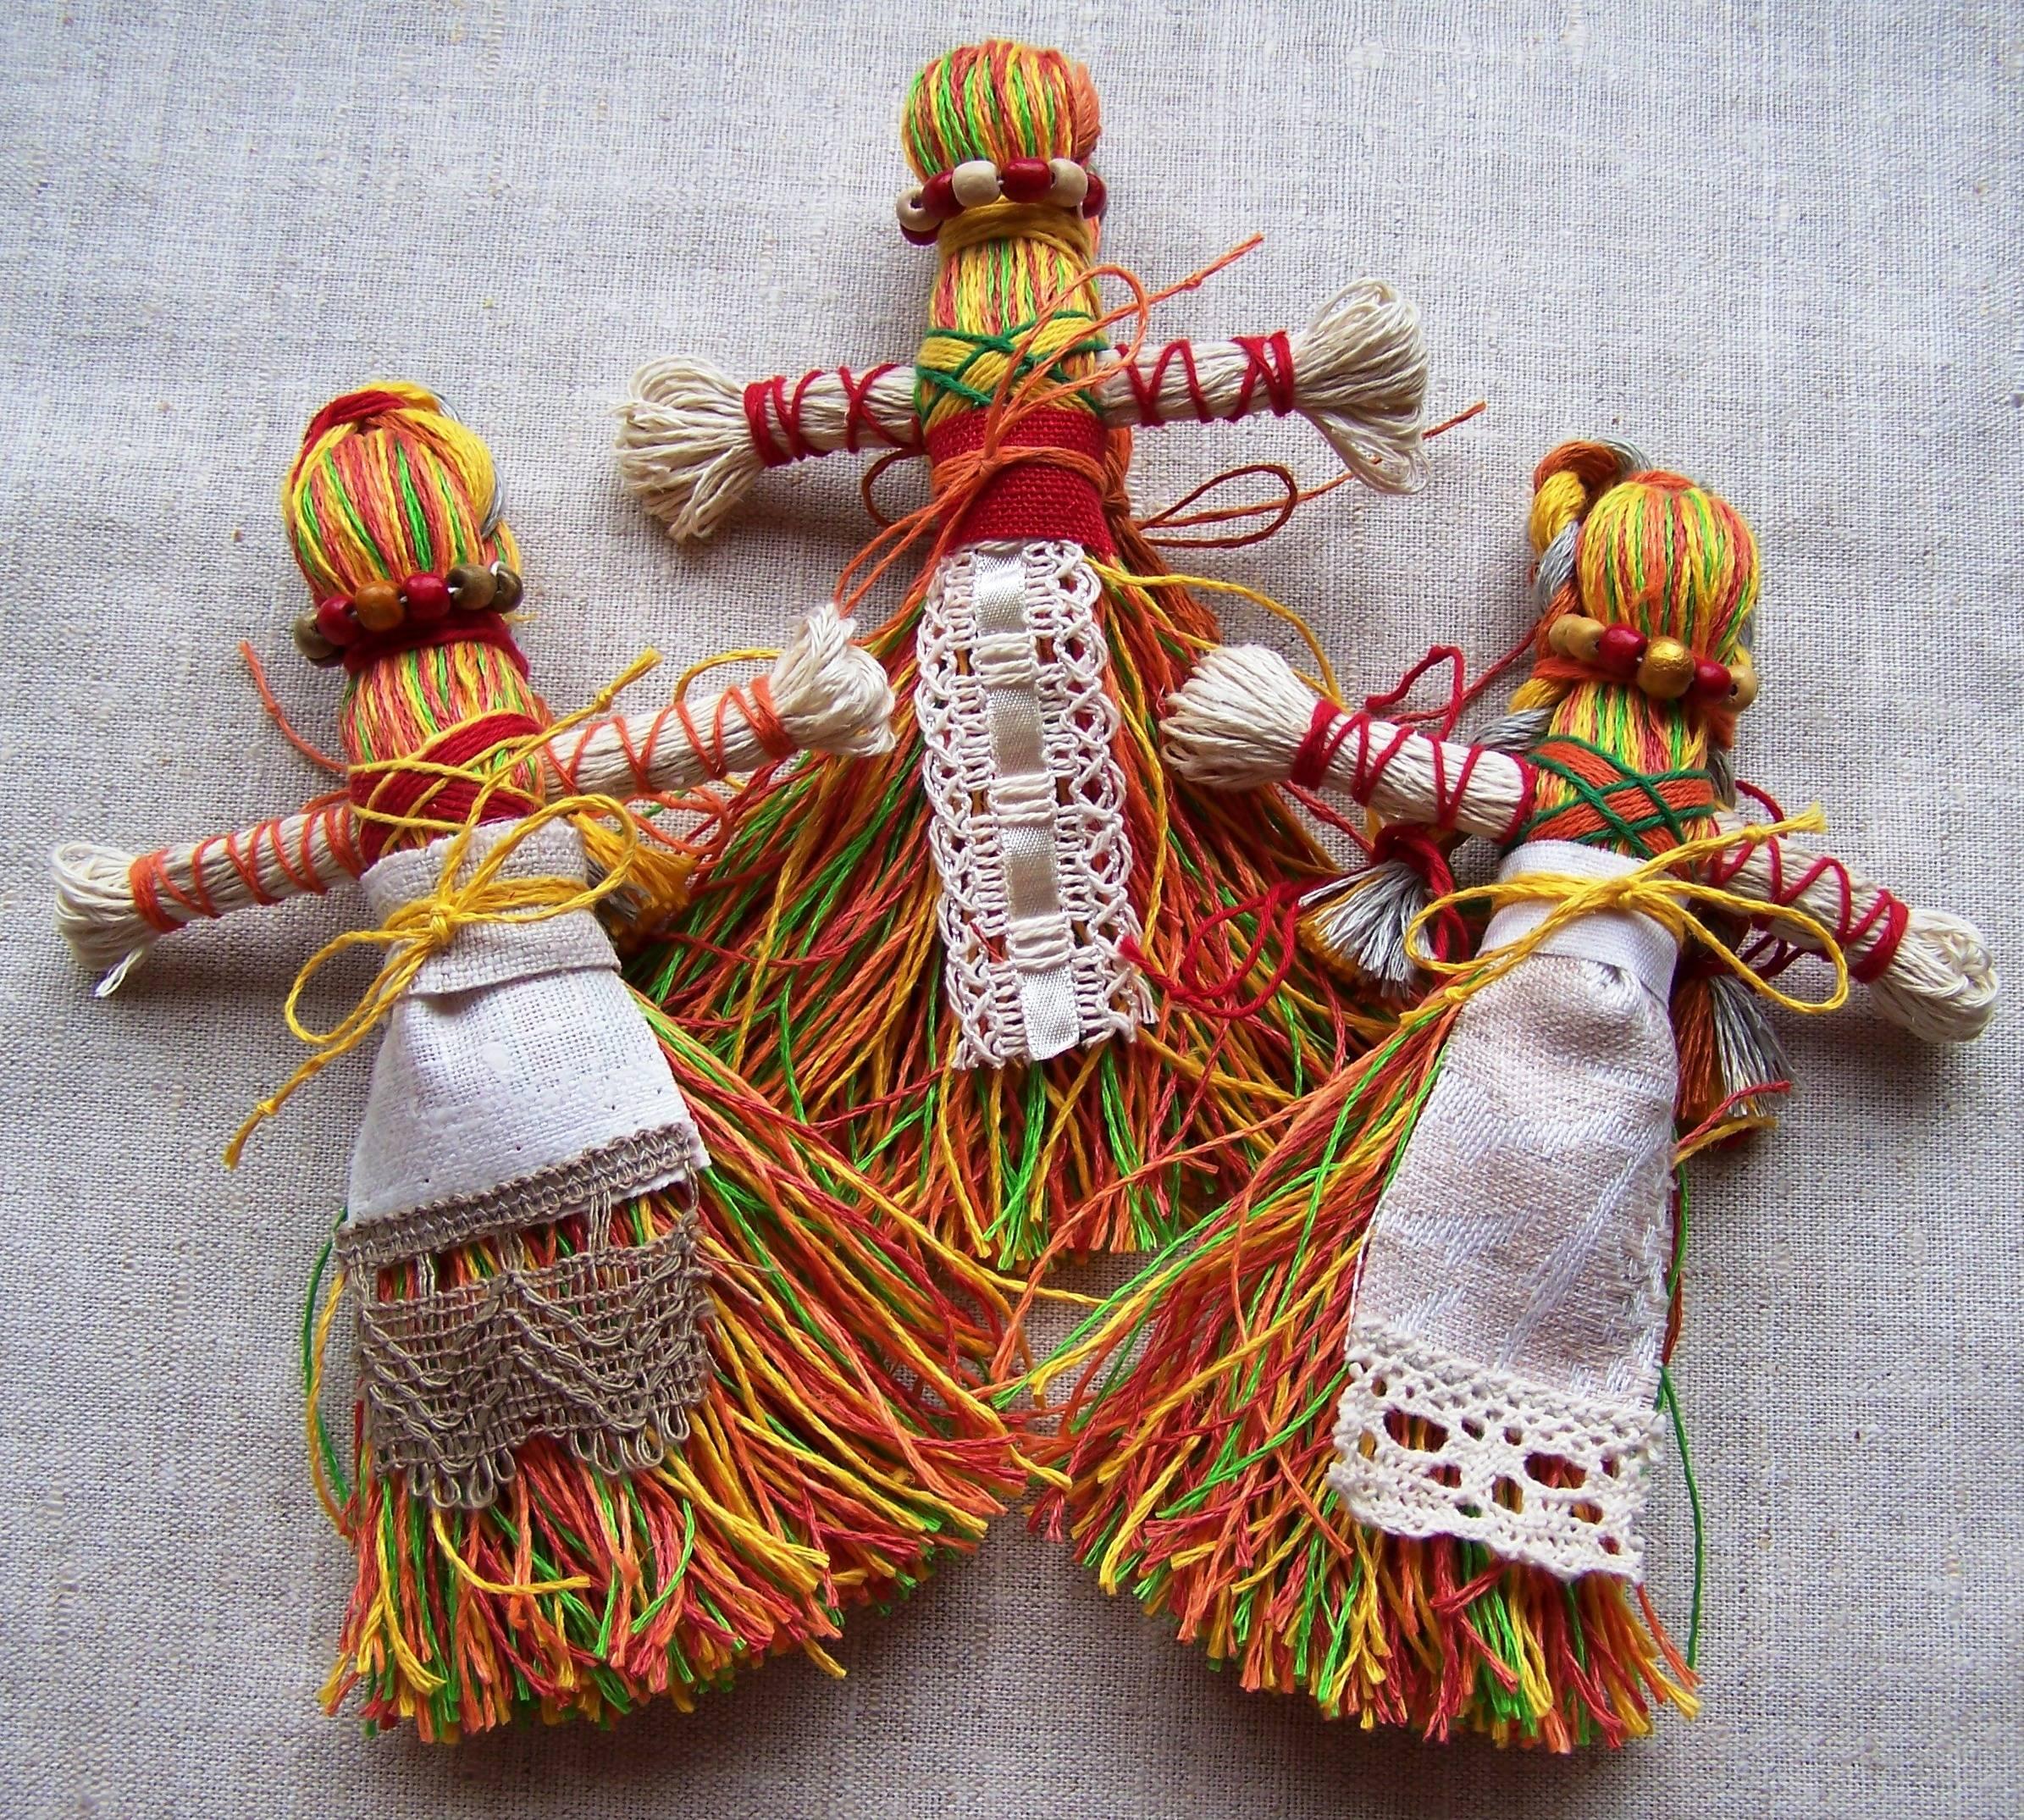 Куклы мотанки как их делать. создание куклы-мотанки своими руками: в чем секрет древнего оберега? оформление тела куклы-берегини